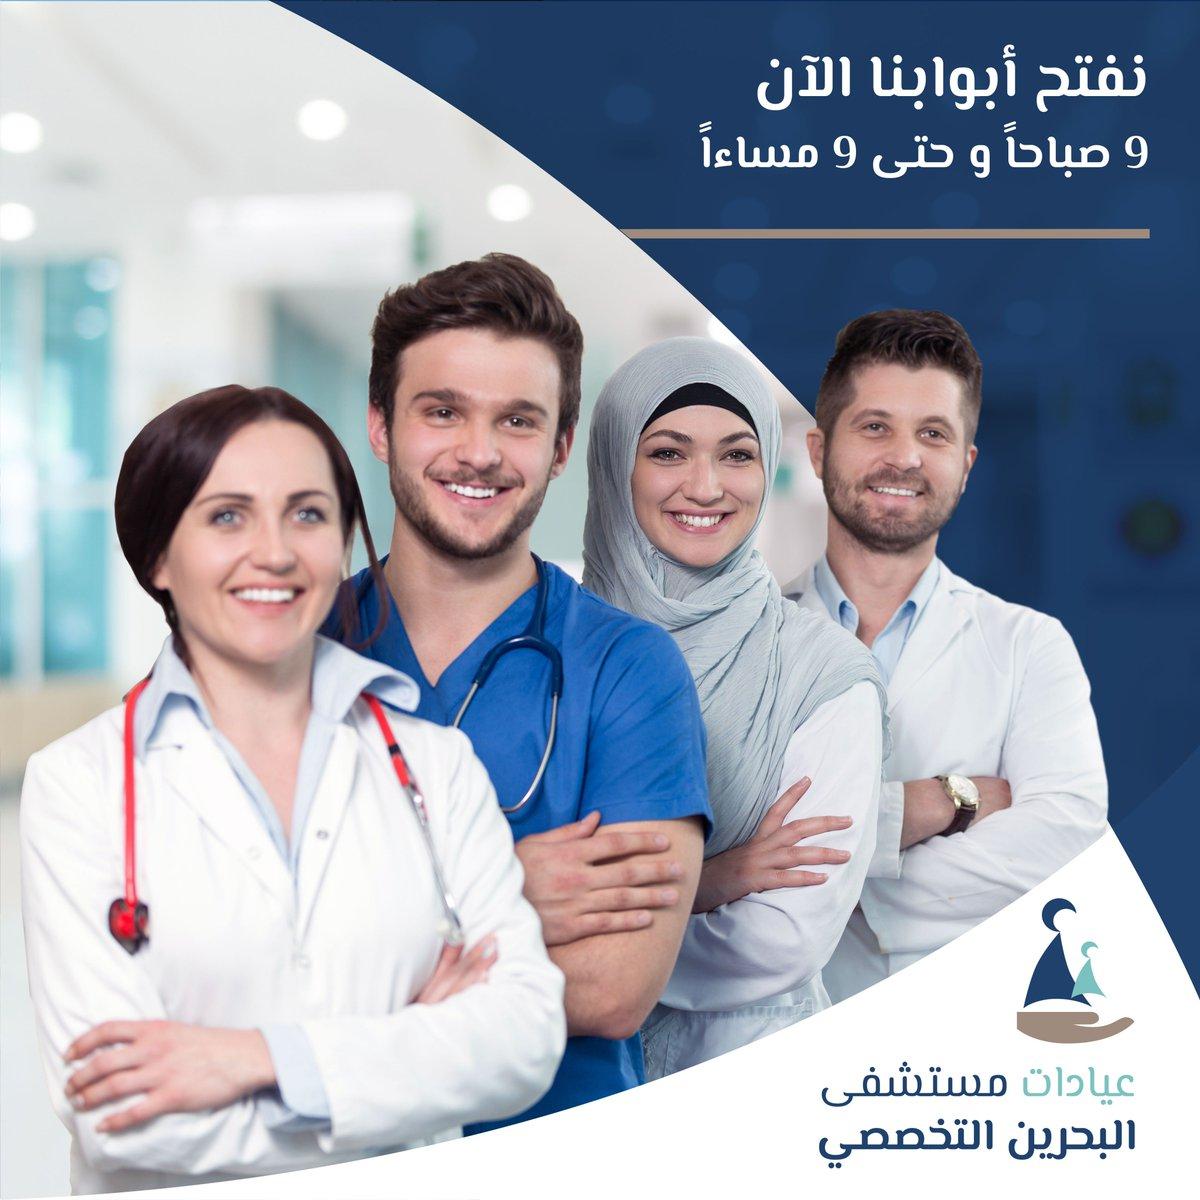 bahrainspecialisthospital hashtag on Twitter